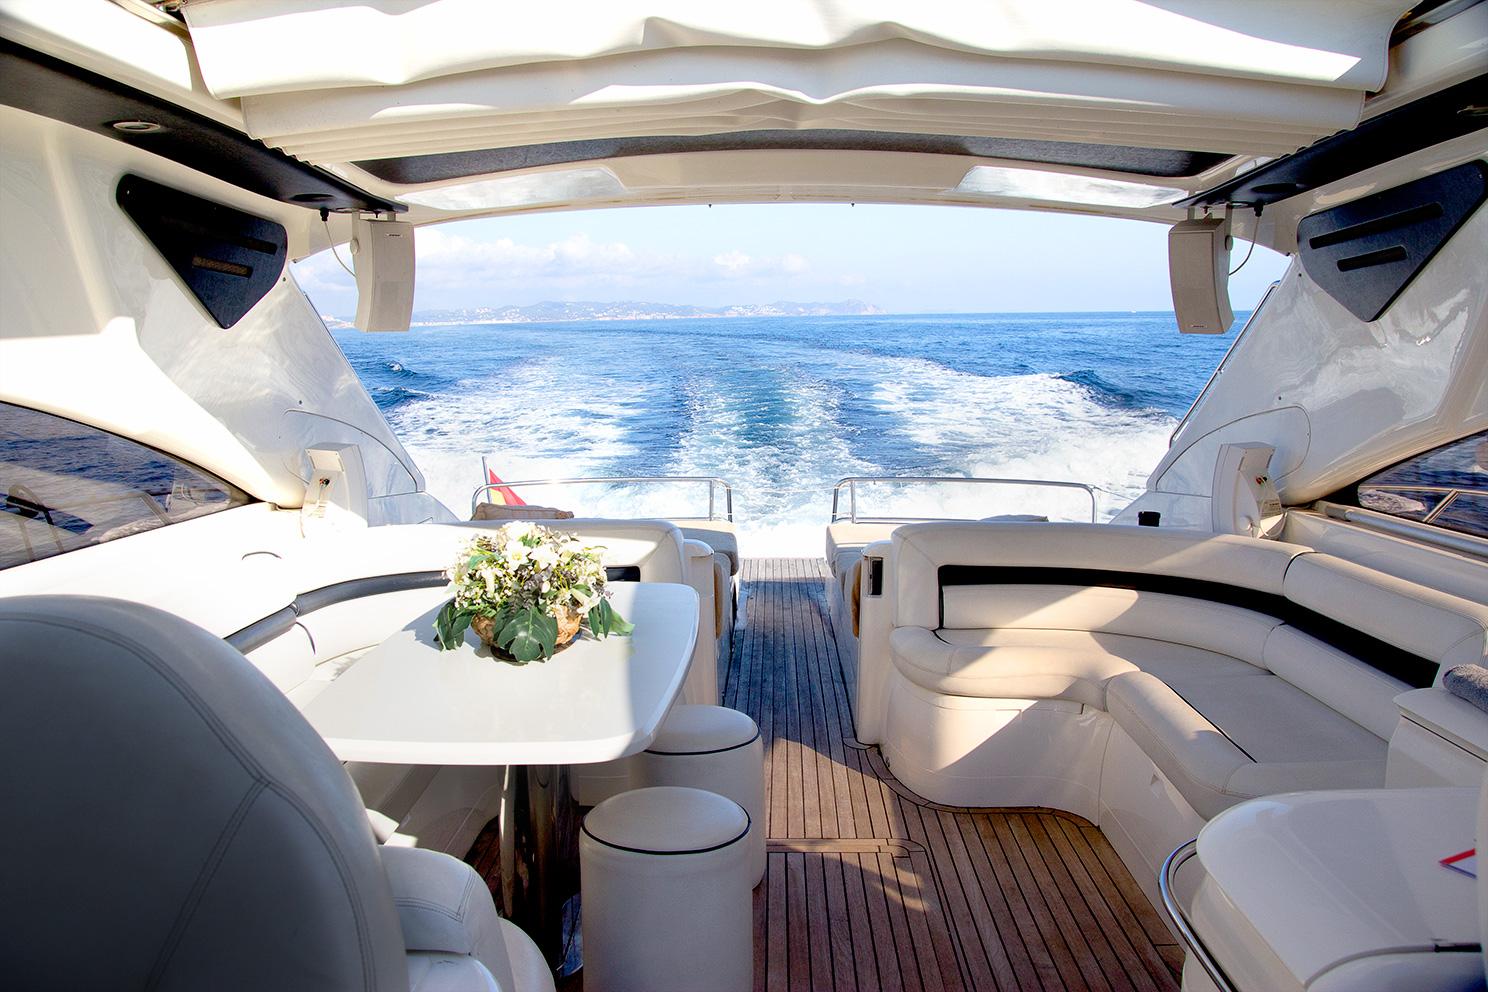 Motor Yacht MANZANA - Upper salon while underway